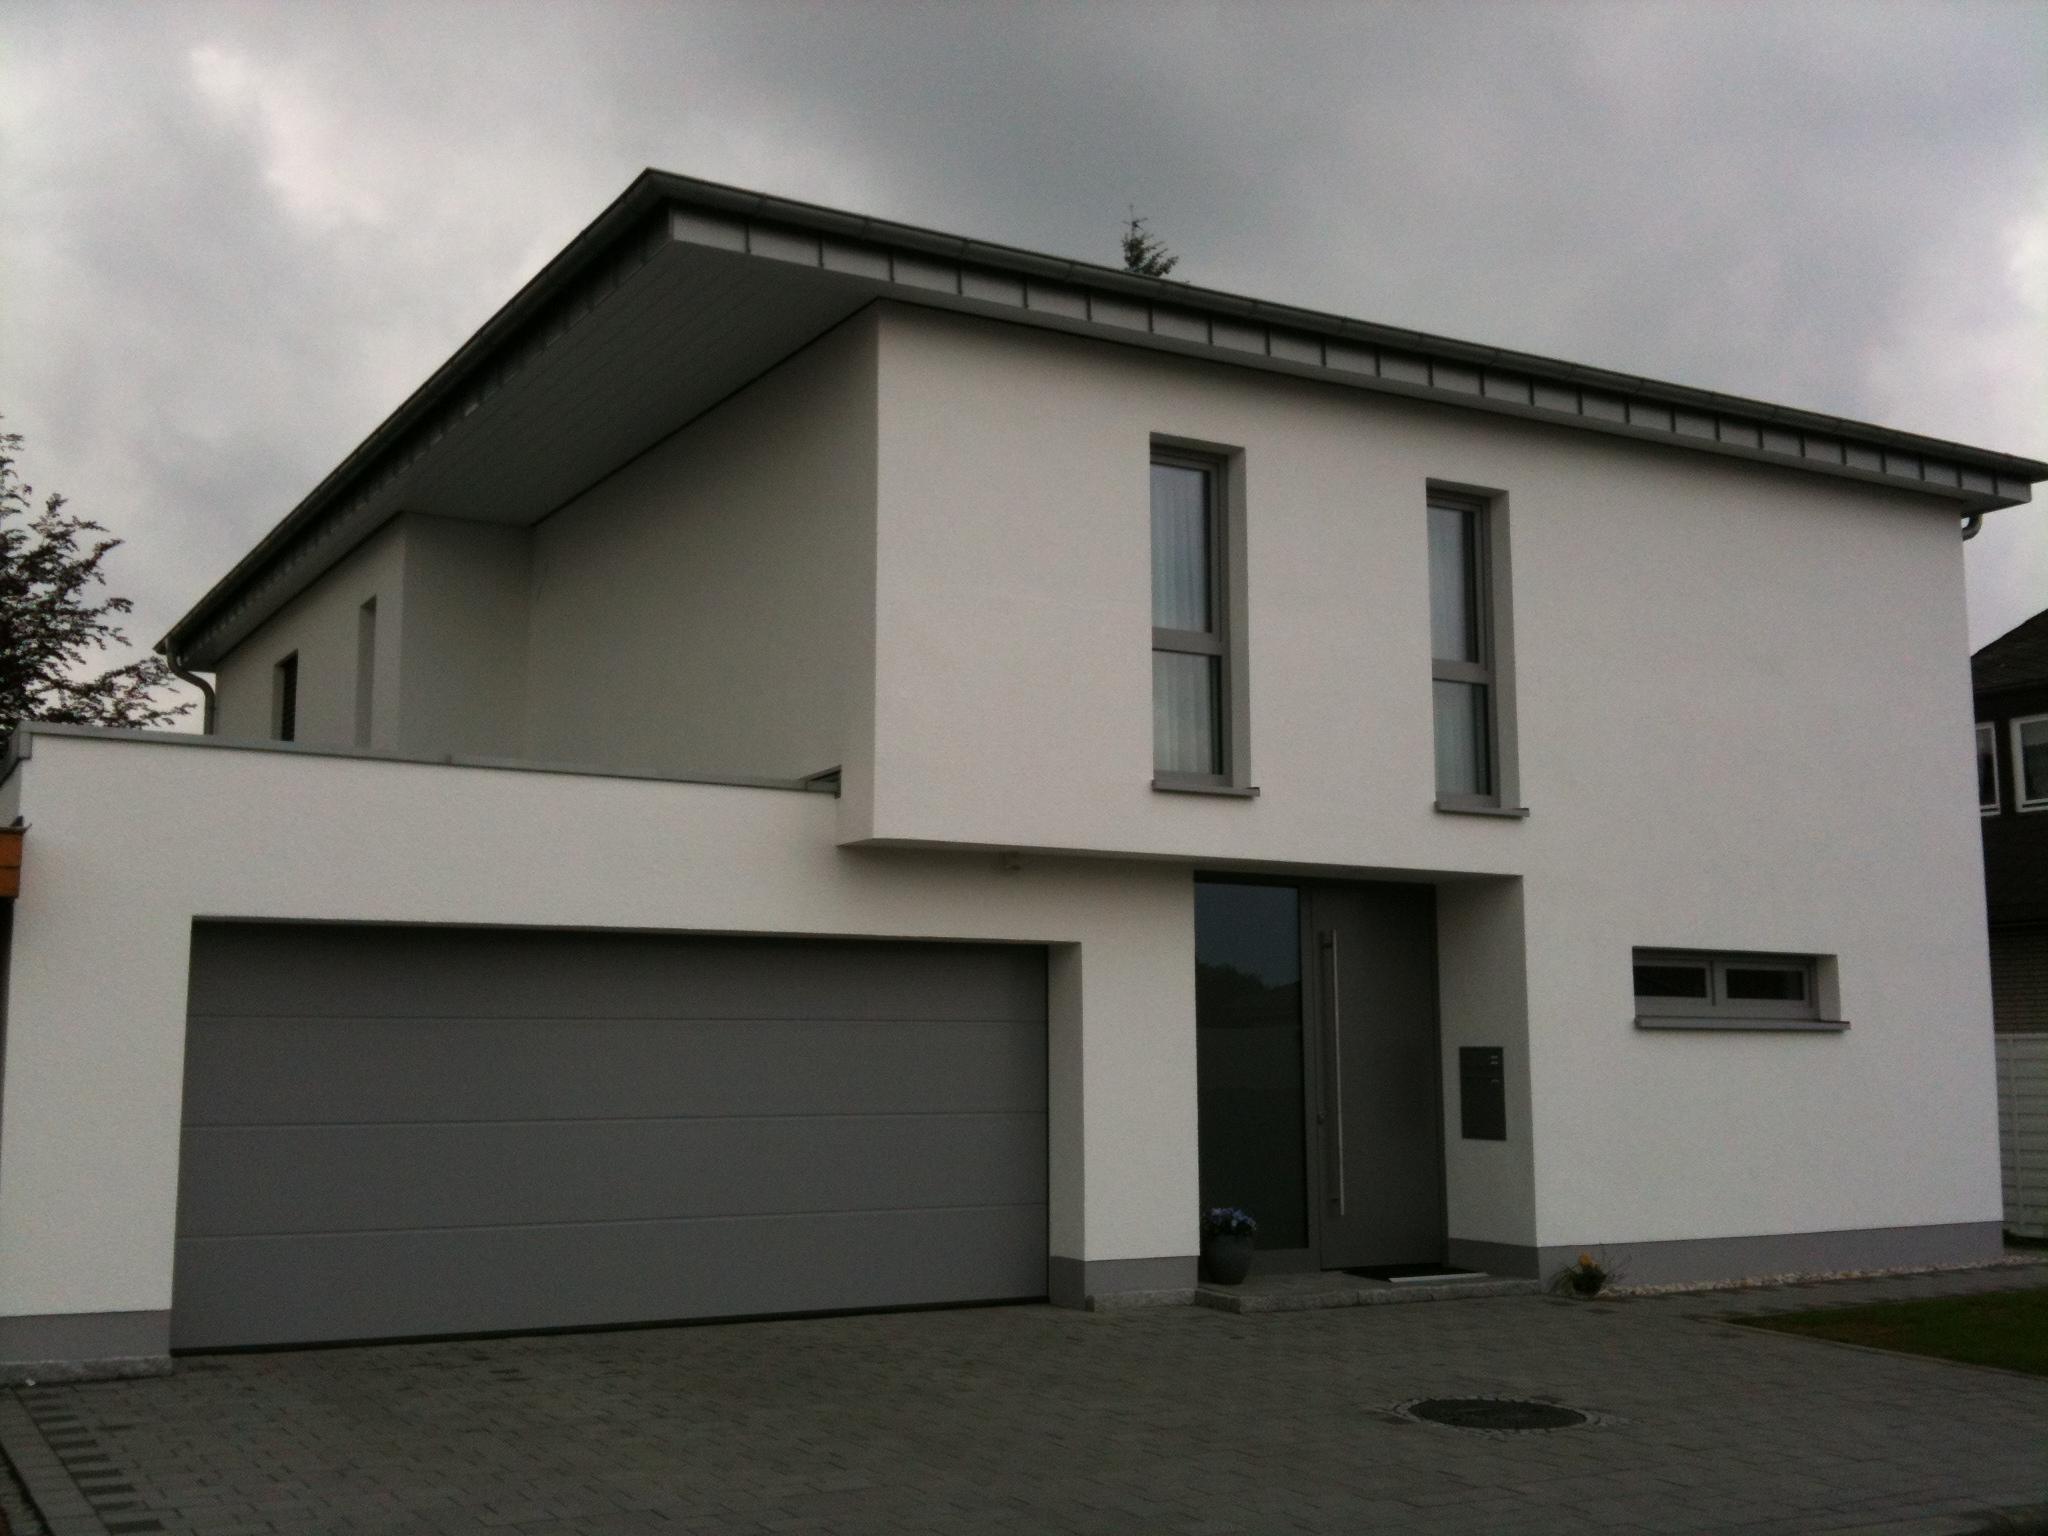 Wohnhaus Flachdach Bitumen und Stehflazblende